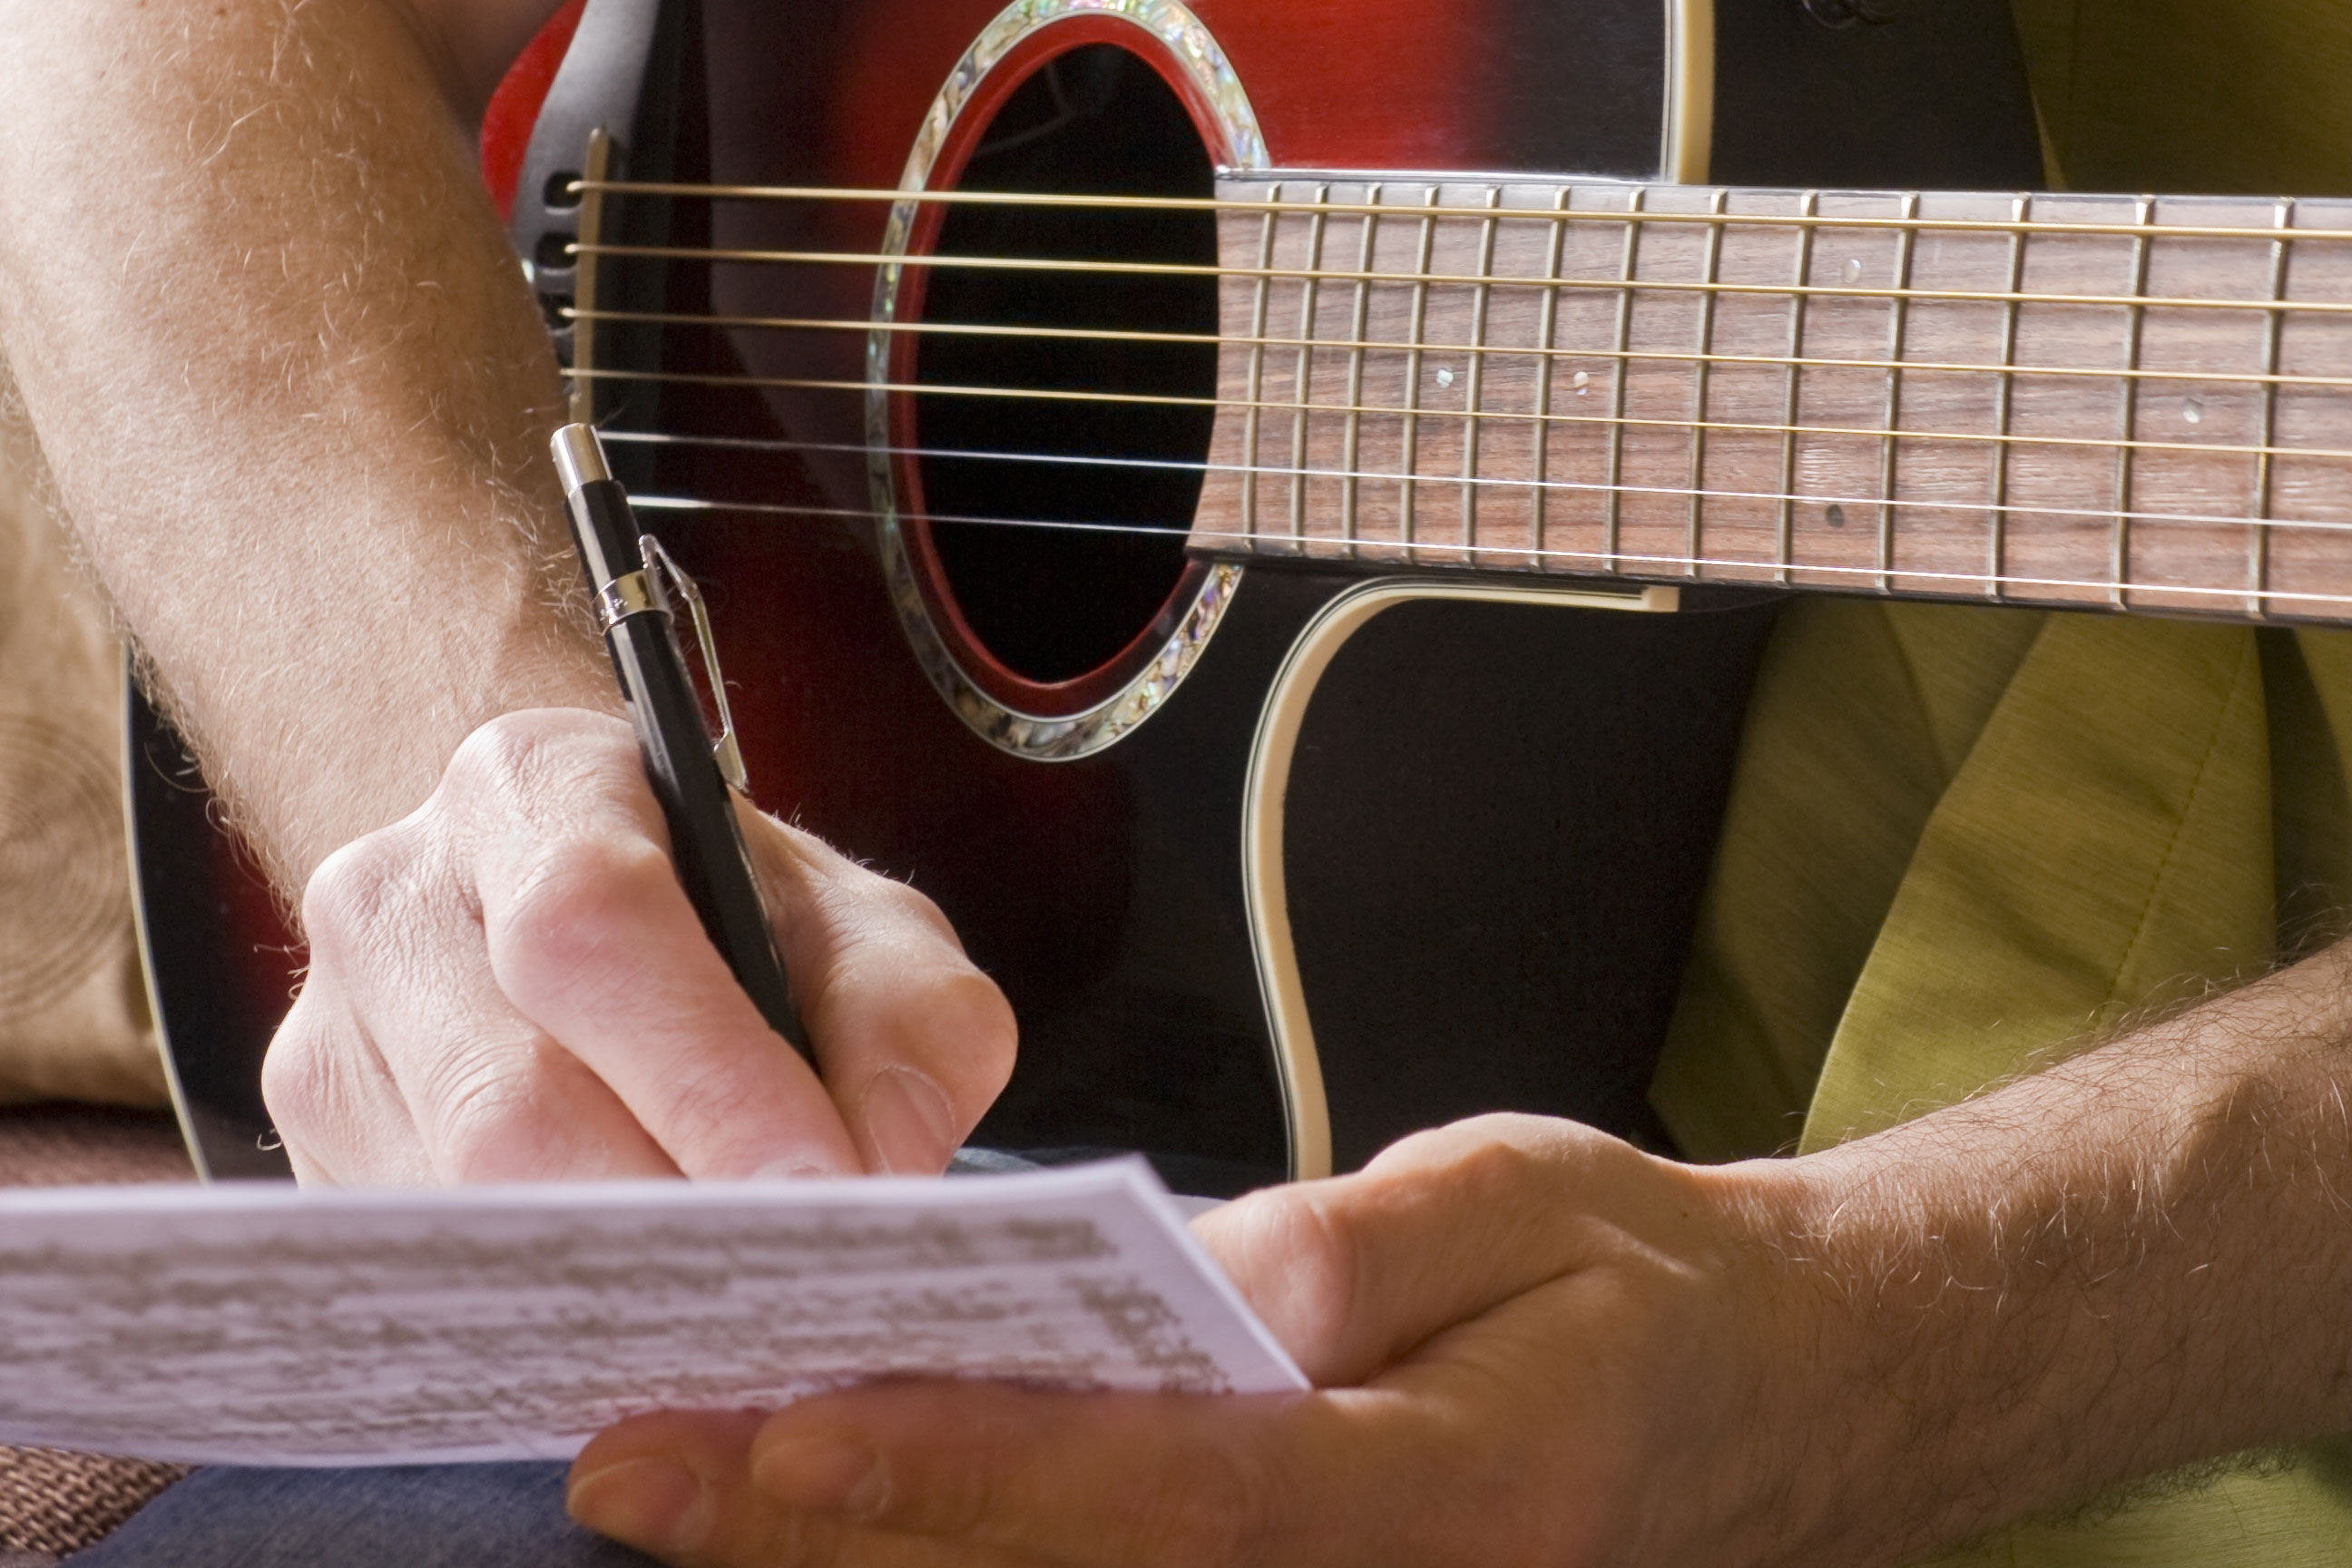 Sing & songwriting